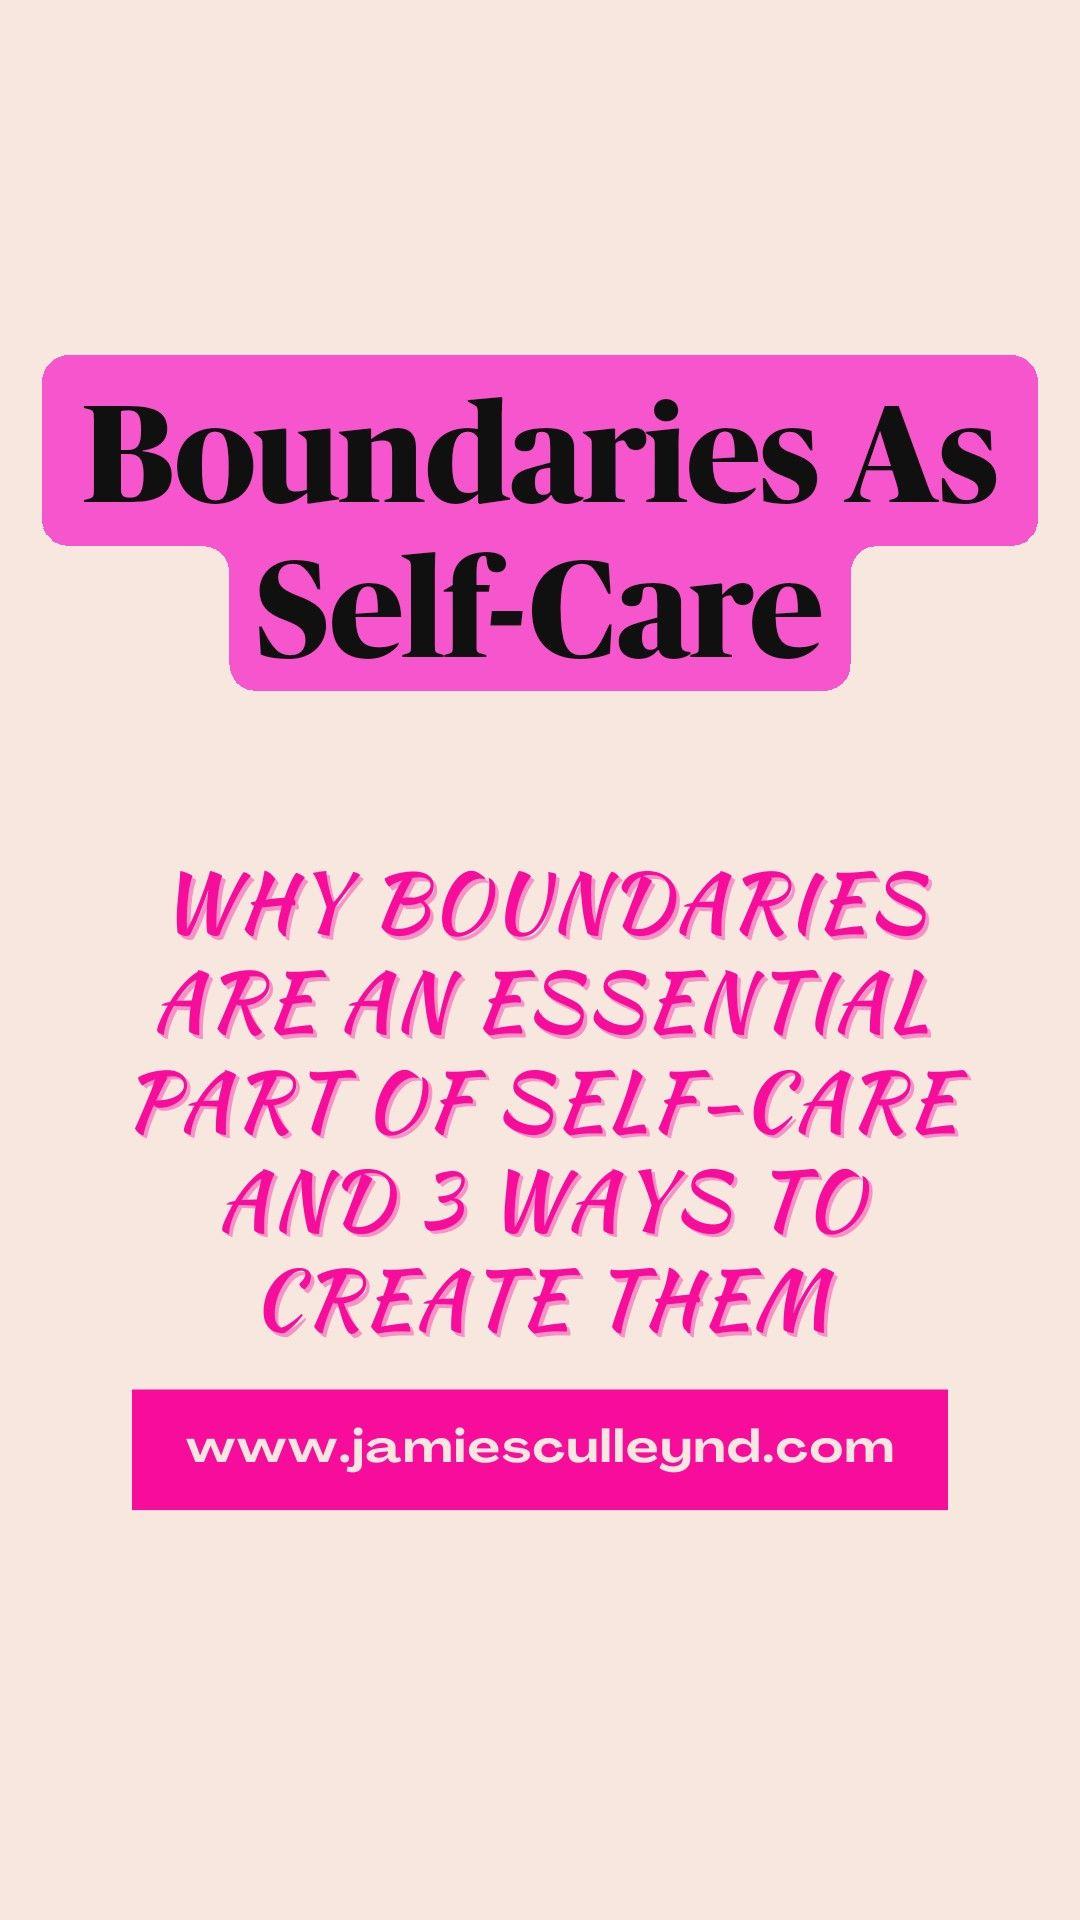 Boundaries As Self-Care